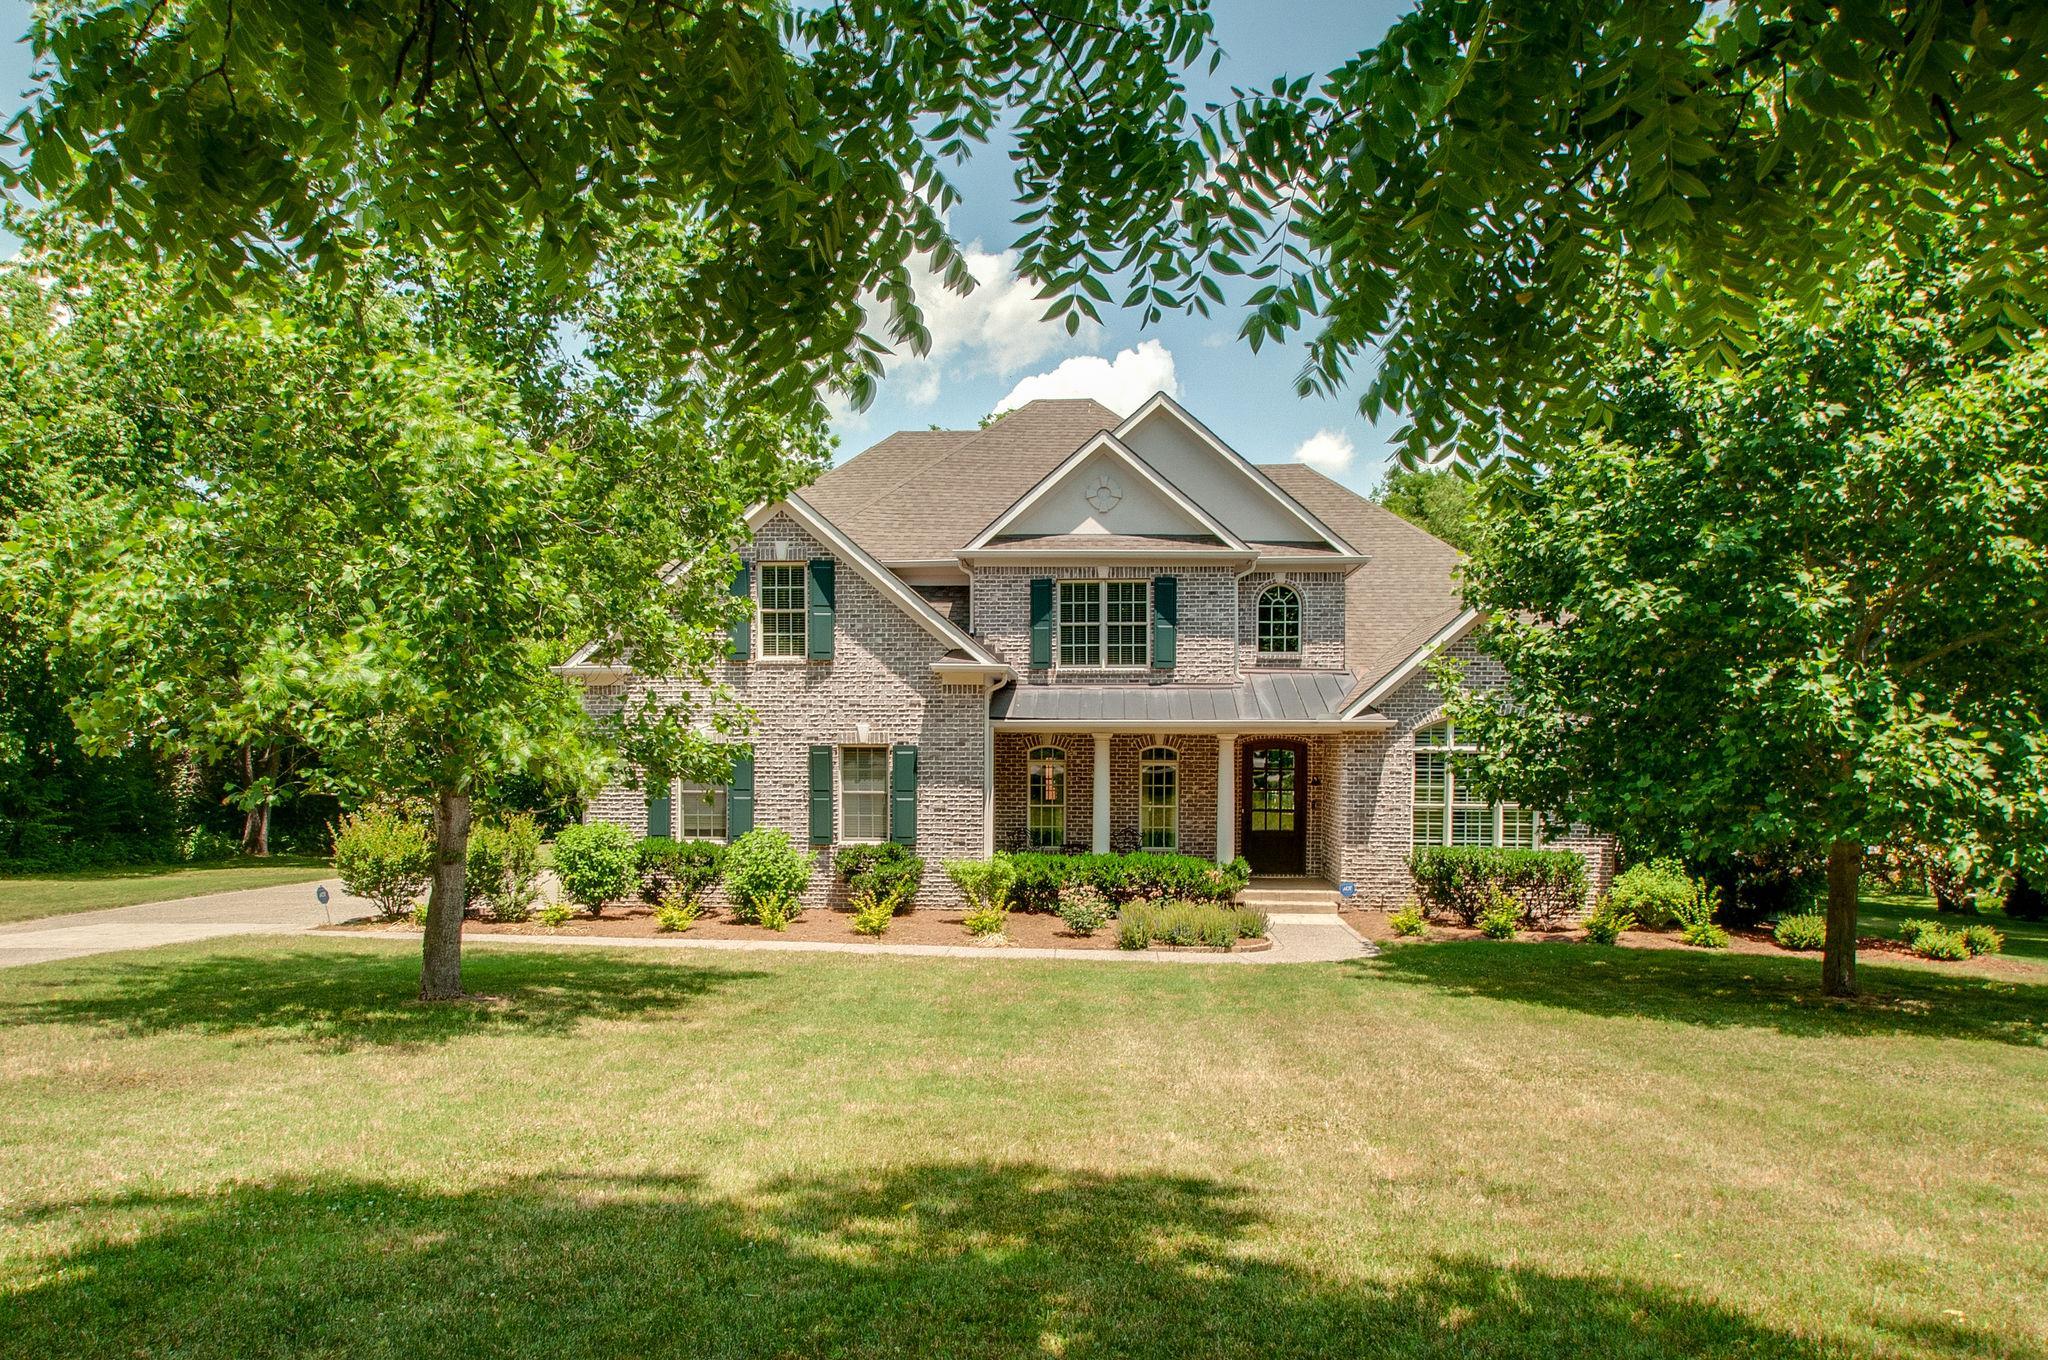 922 Waterswood Dr, Nashville, TN 37220 - Nashville, TN real estate listing